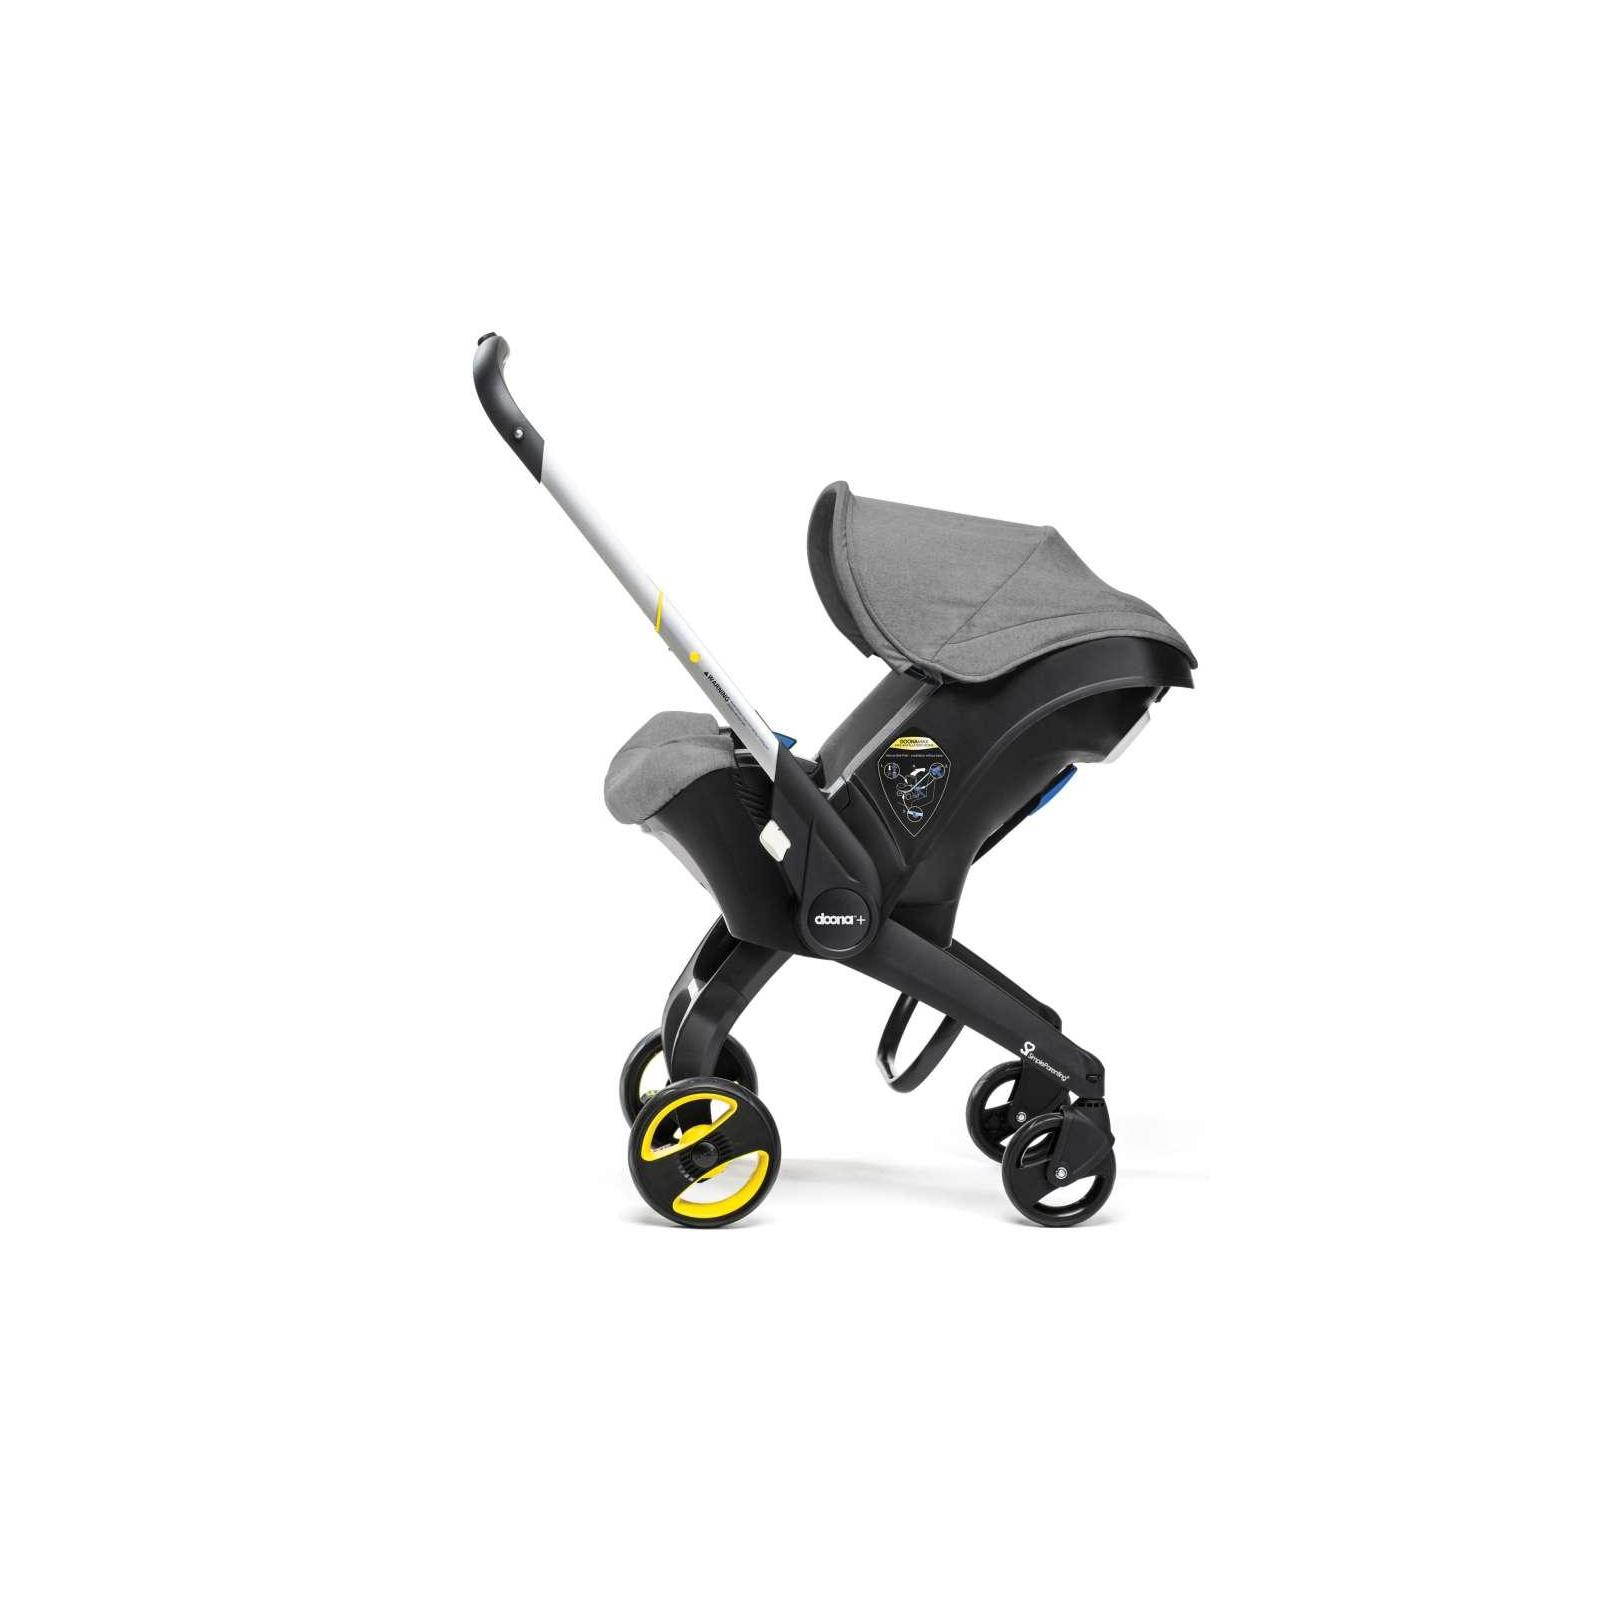 Автокресло Doona Infant Car Seat / Серое (SP150-20-006-015) изображение 7